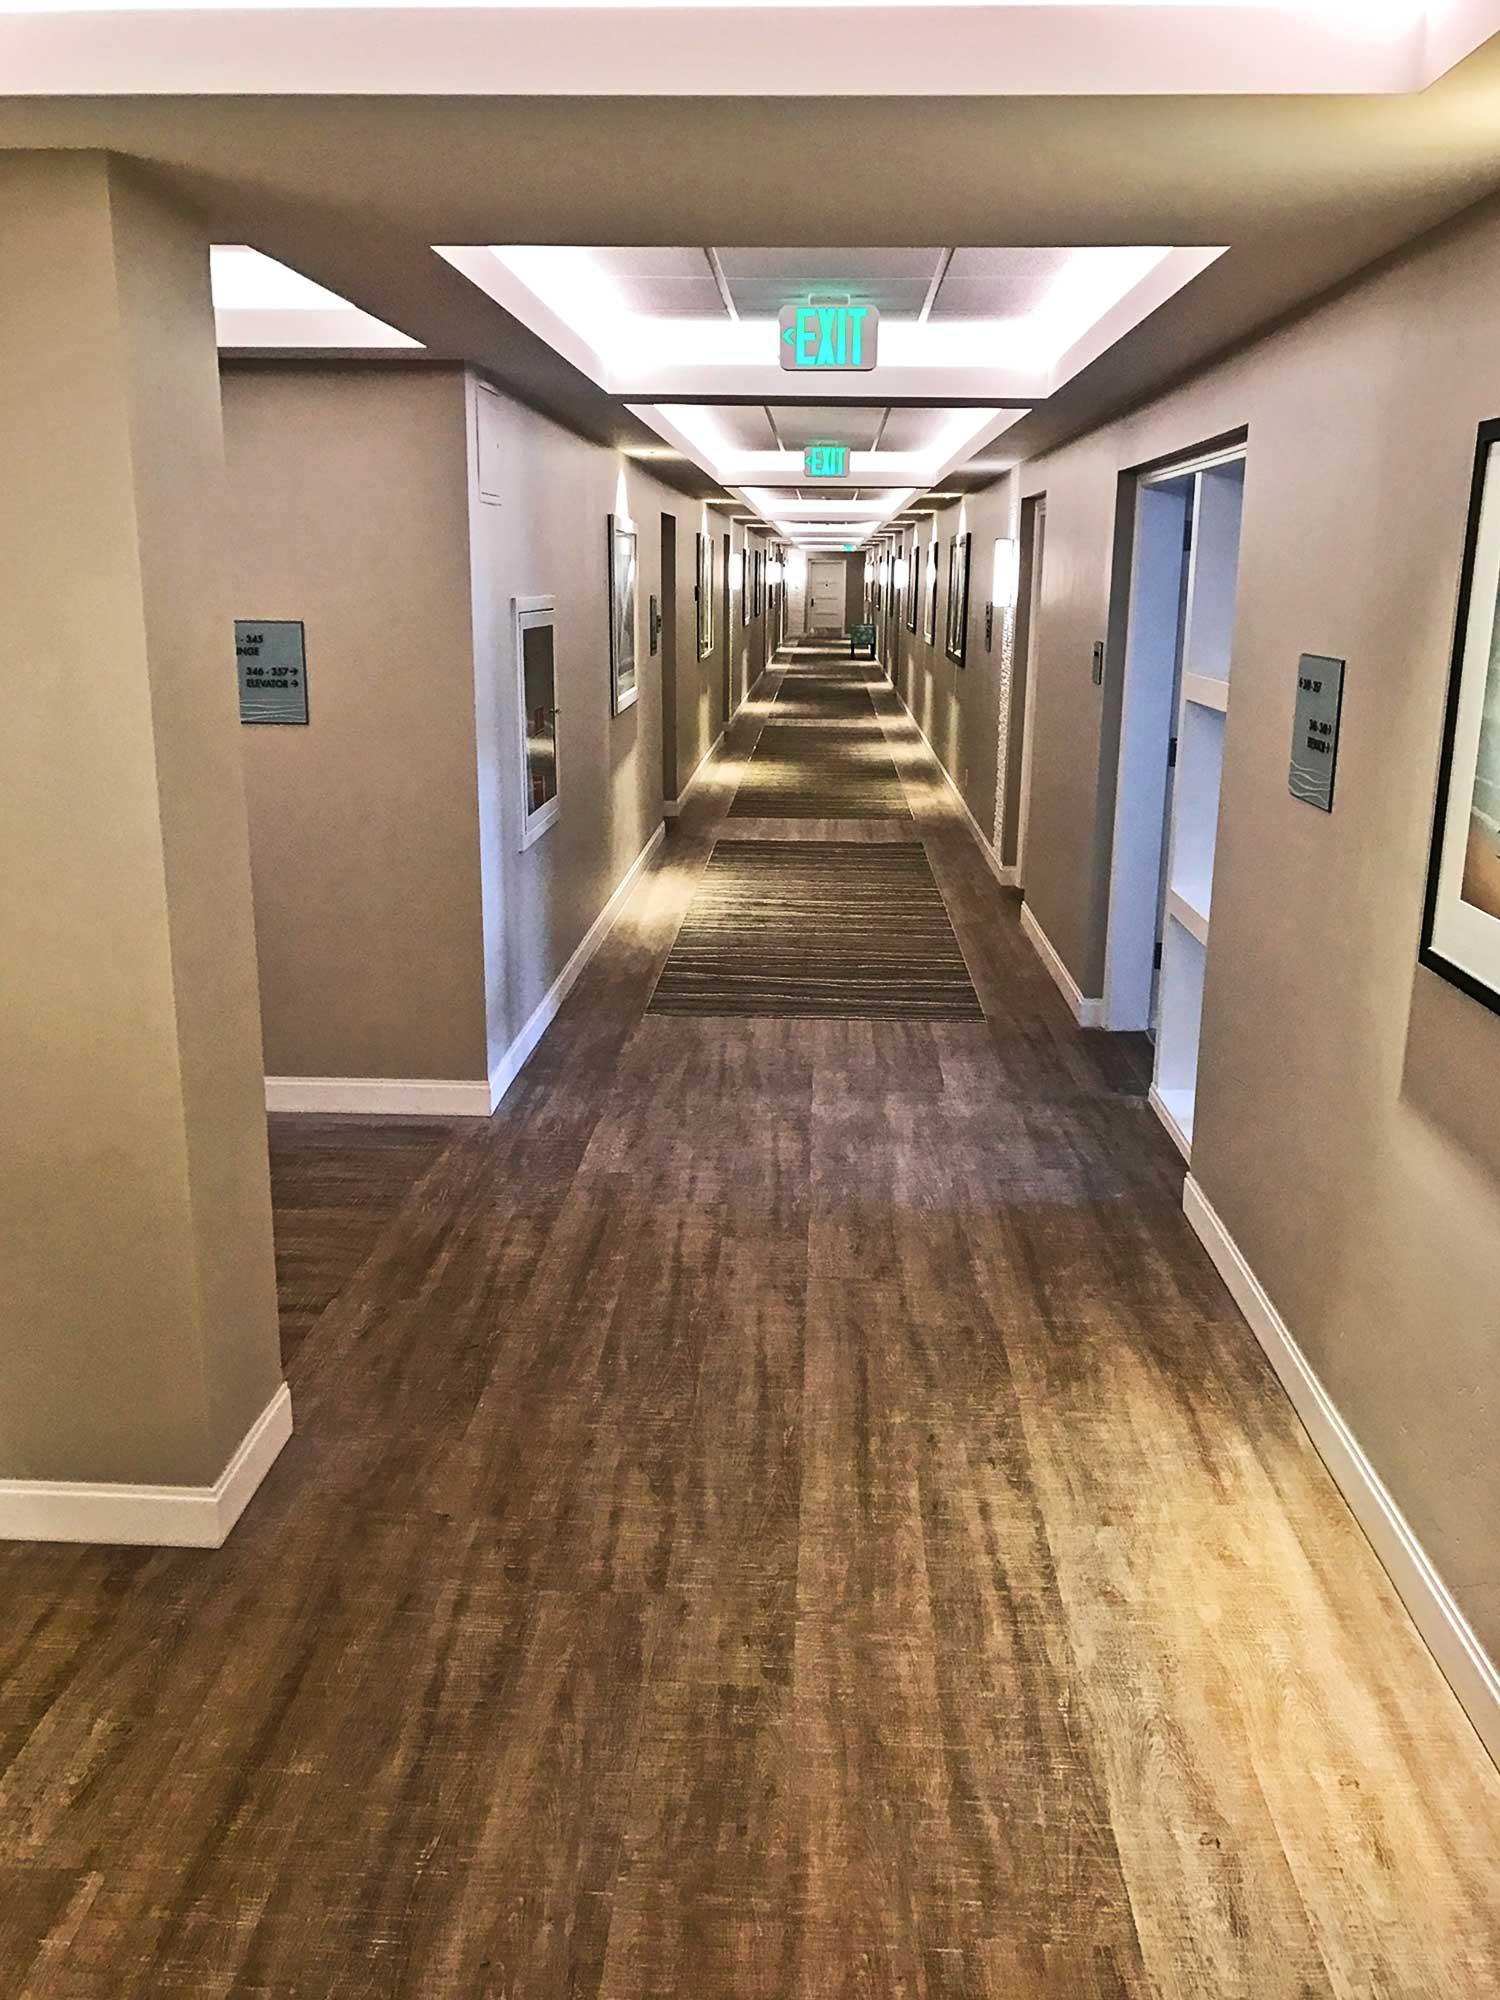 Hallway in White Sands